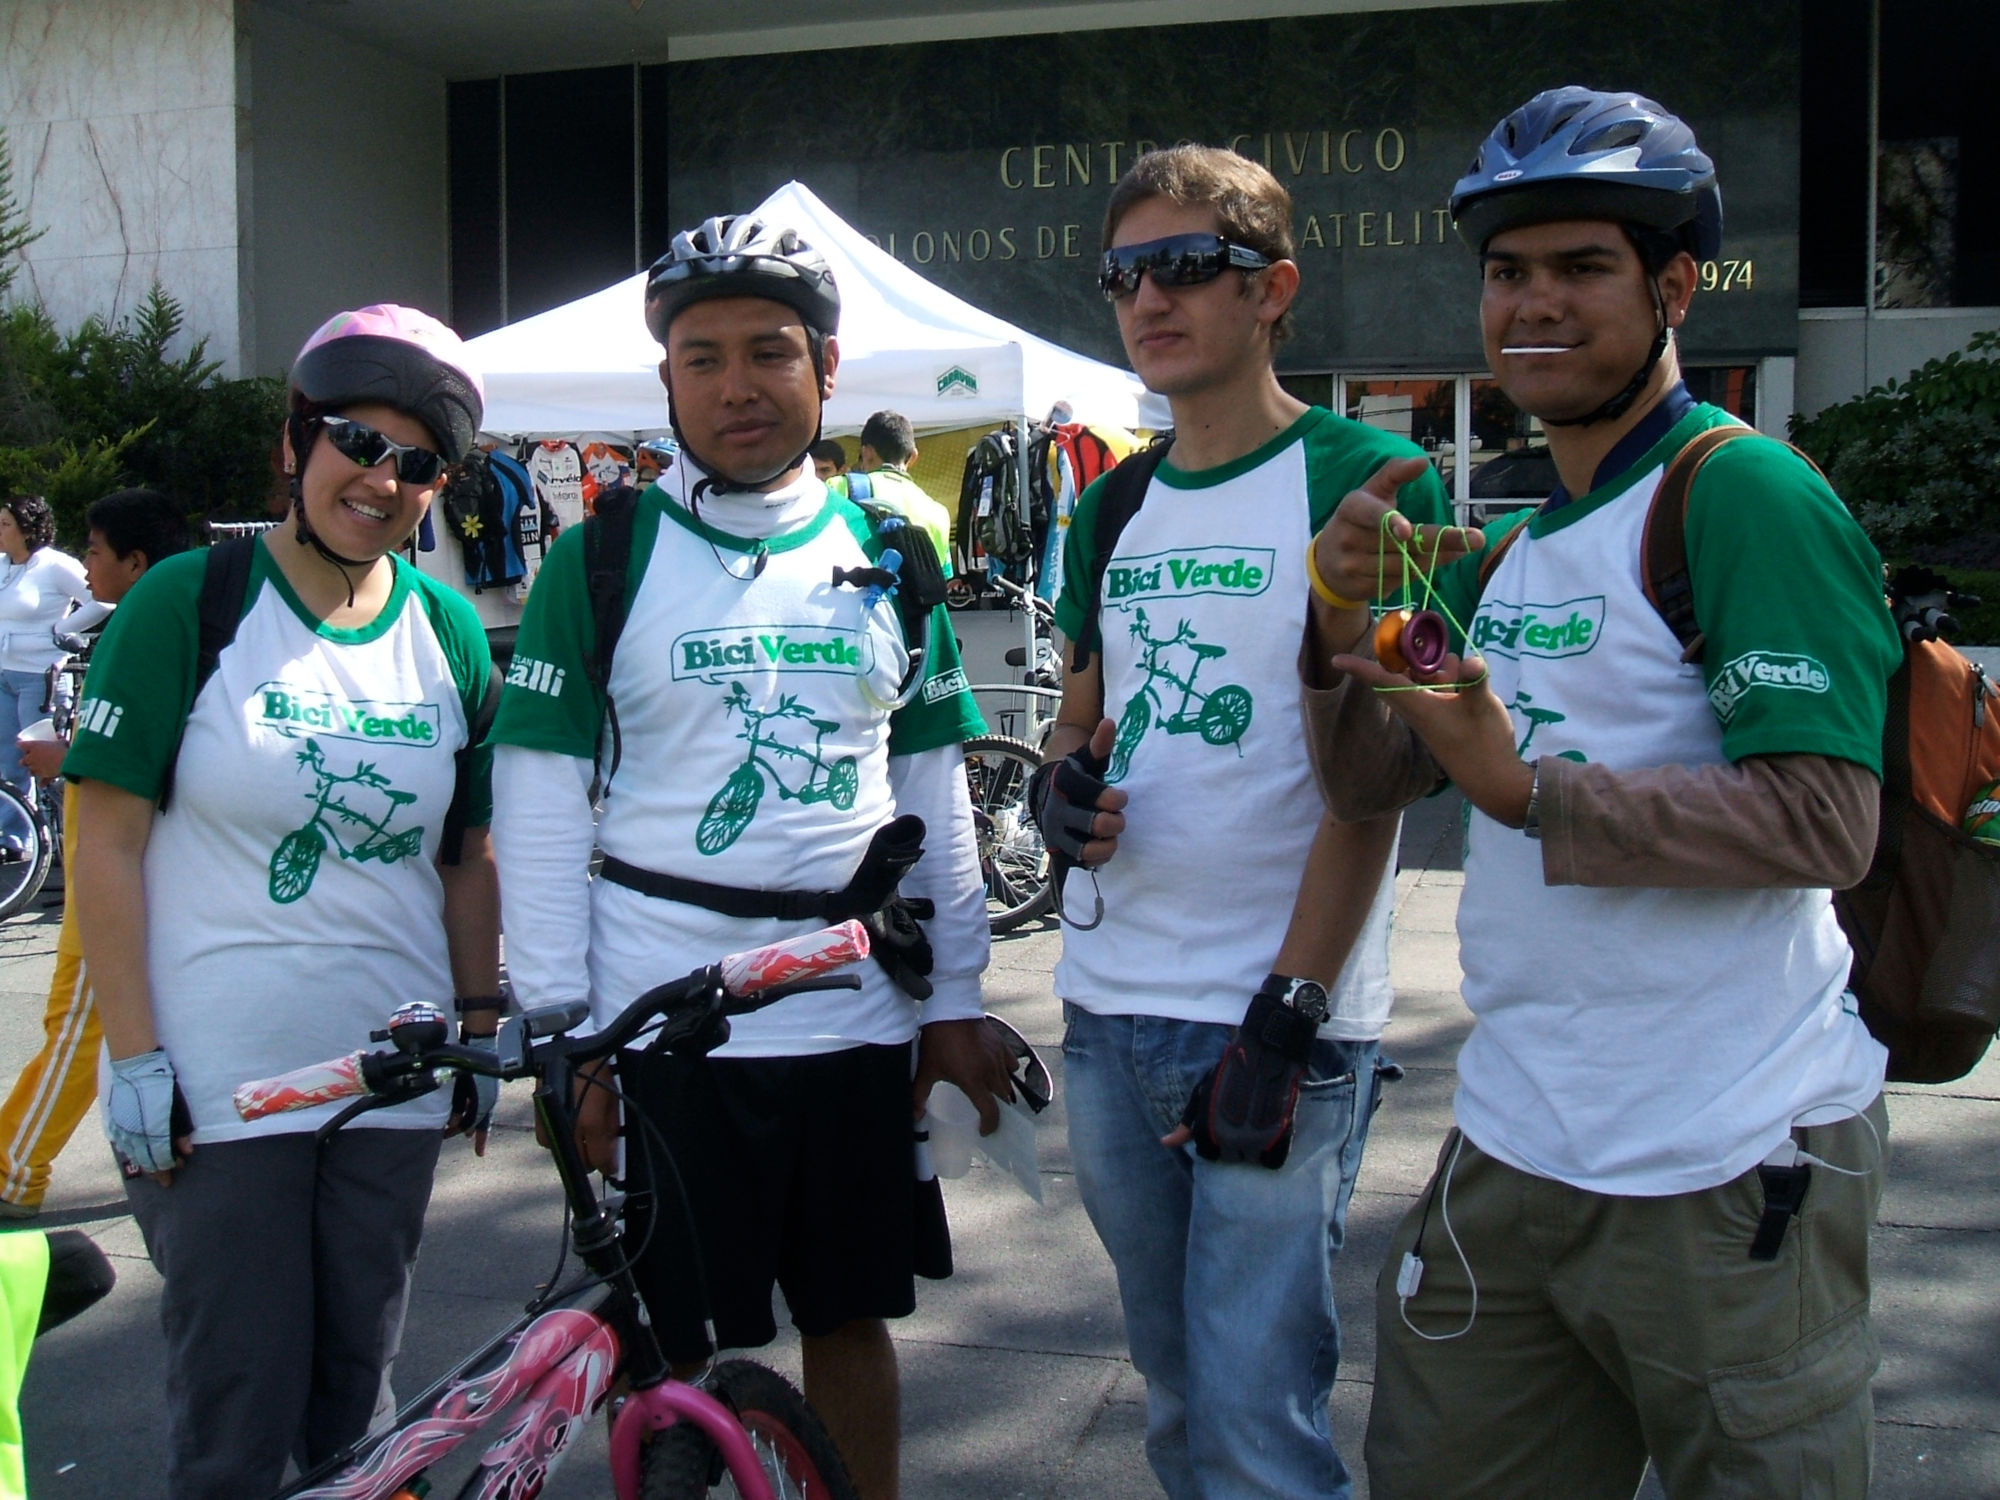 Paseo en Bicicleta de Ciudad Satélite